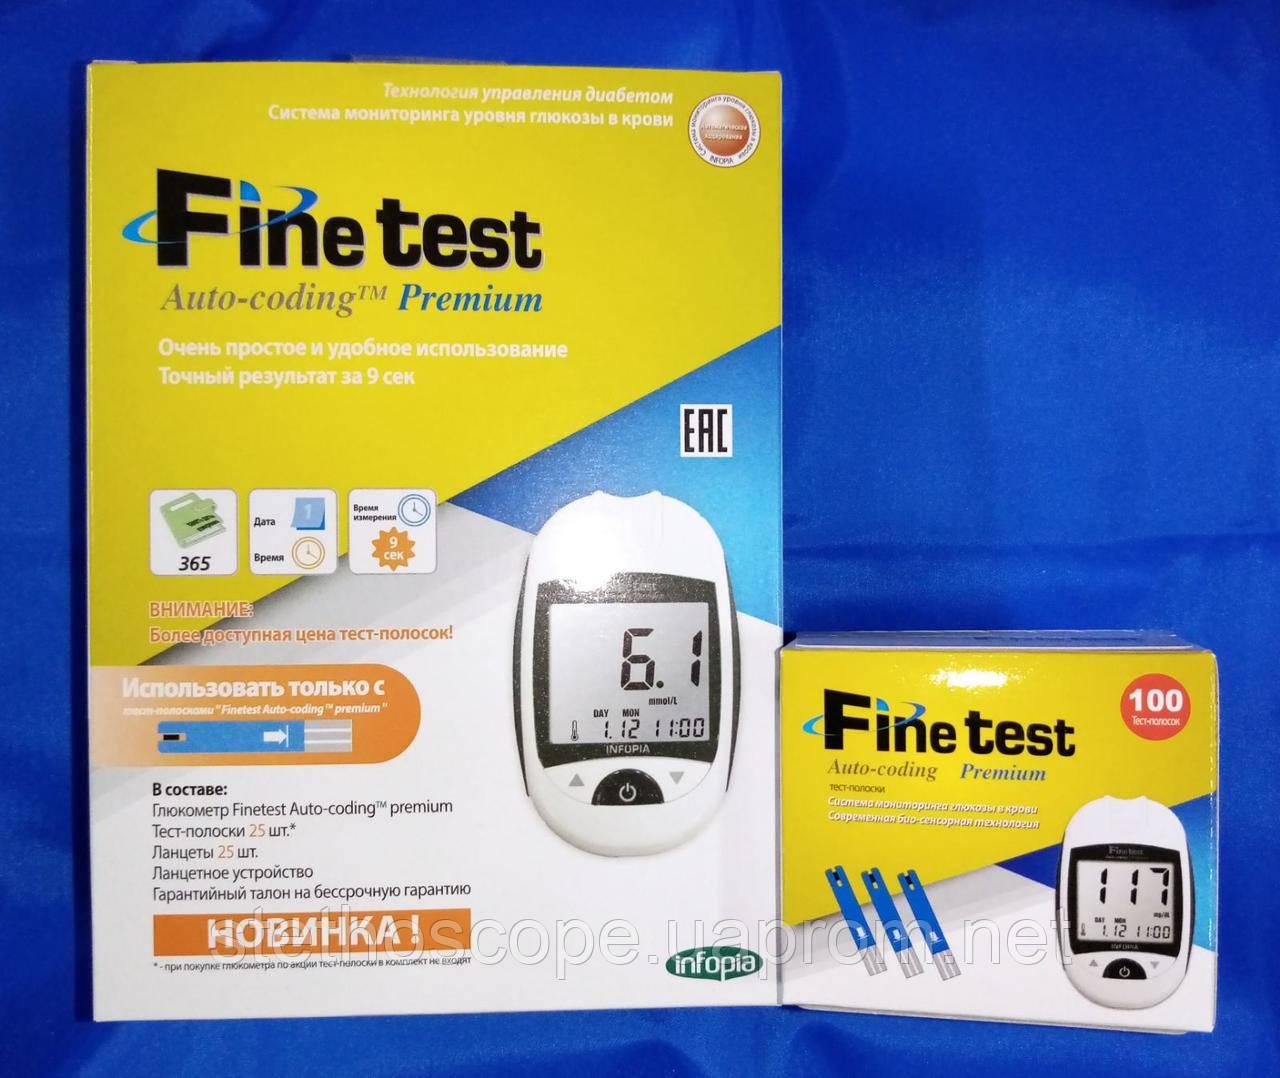 Глюкометр Finetest Auto-coding Premium + 100 тест-смужок